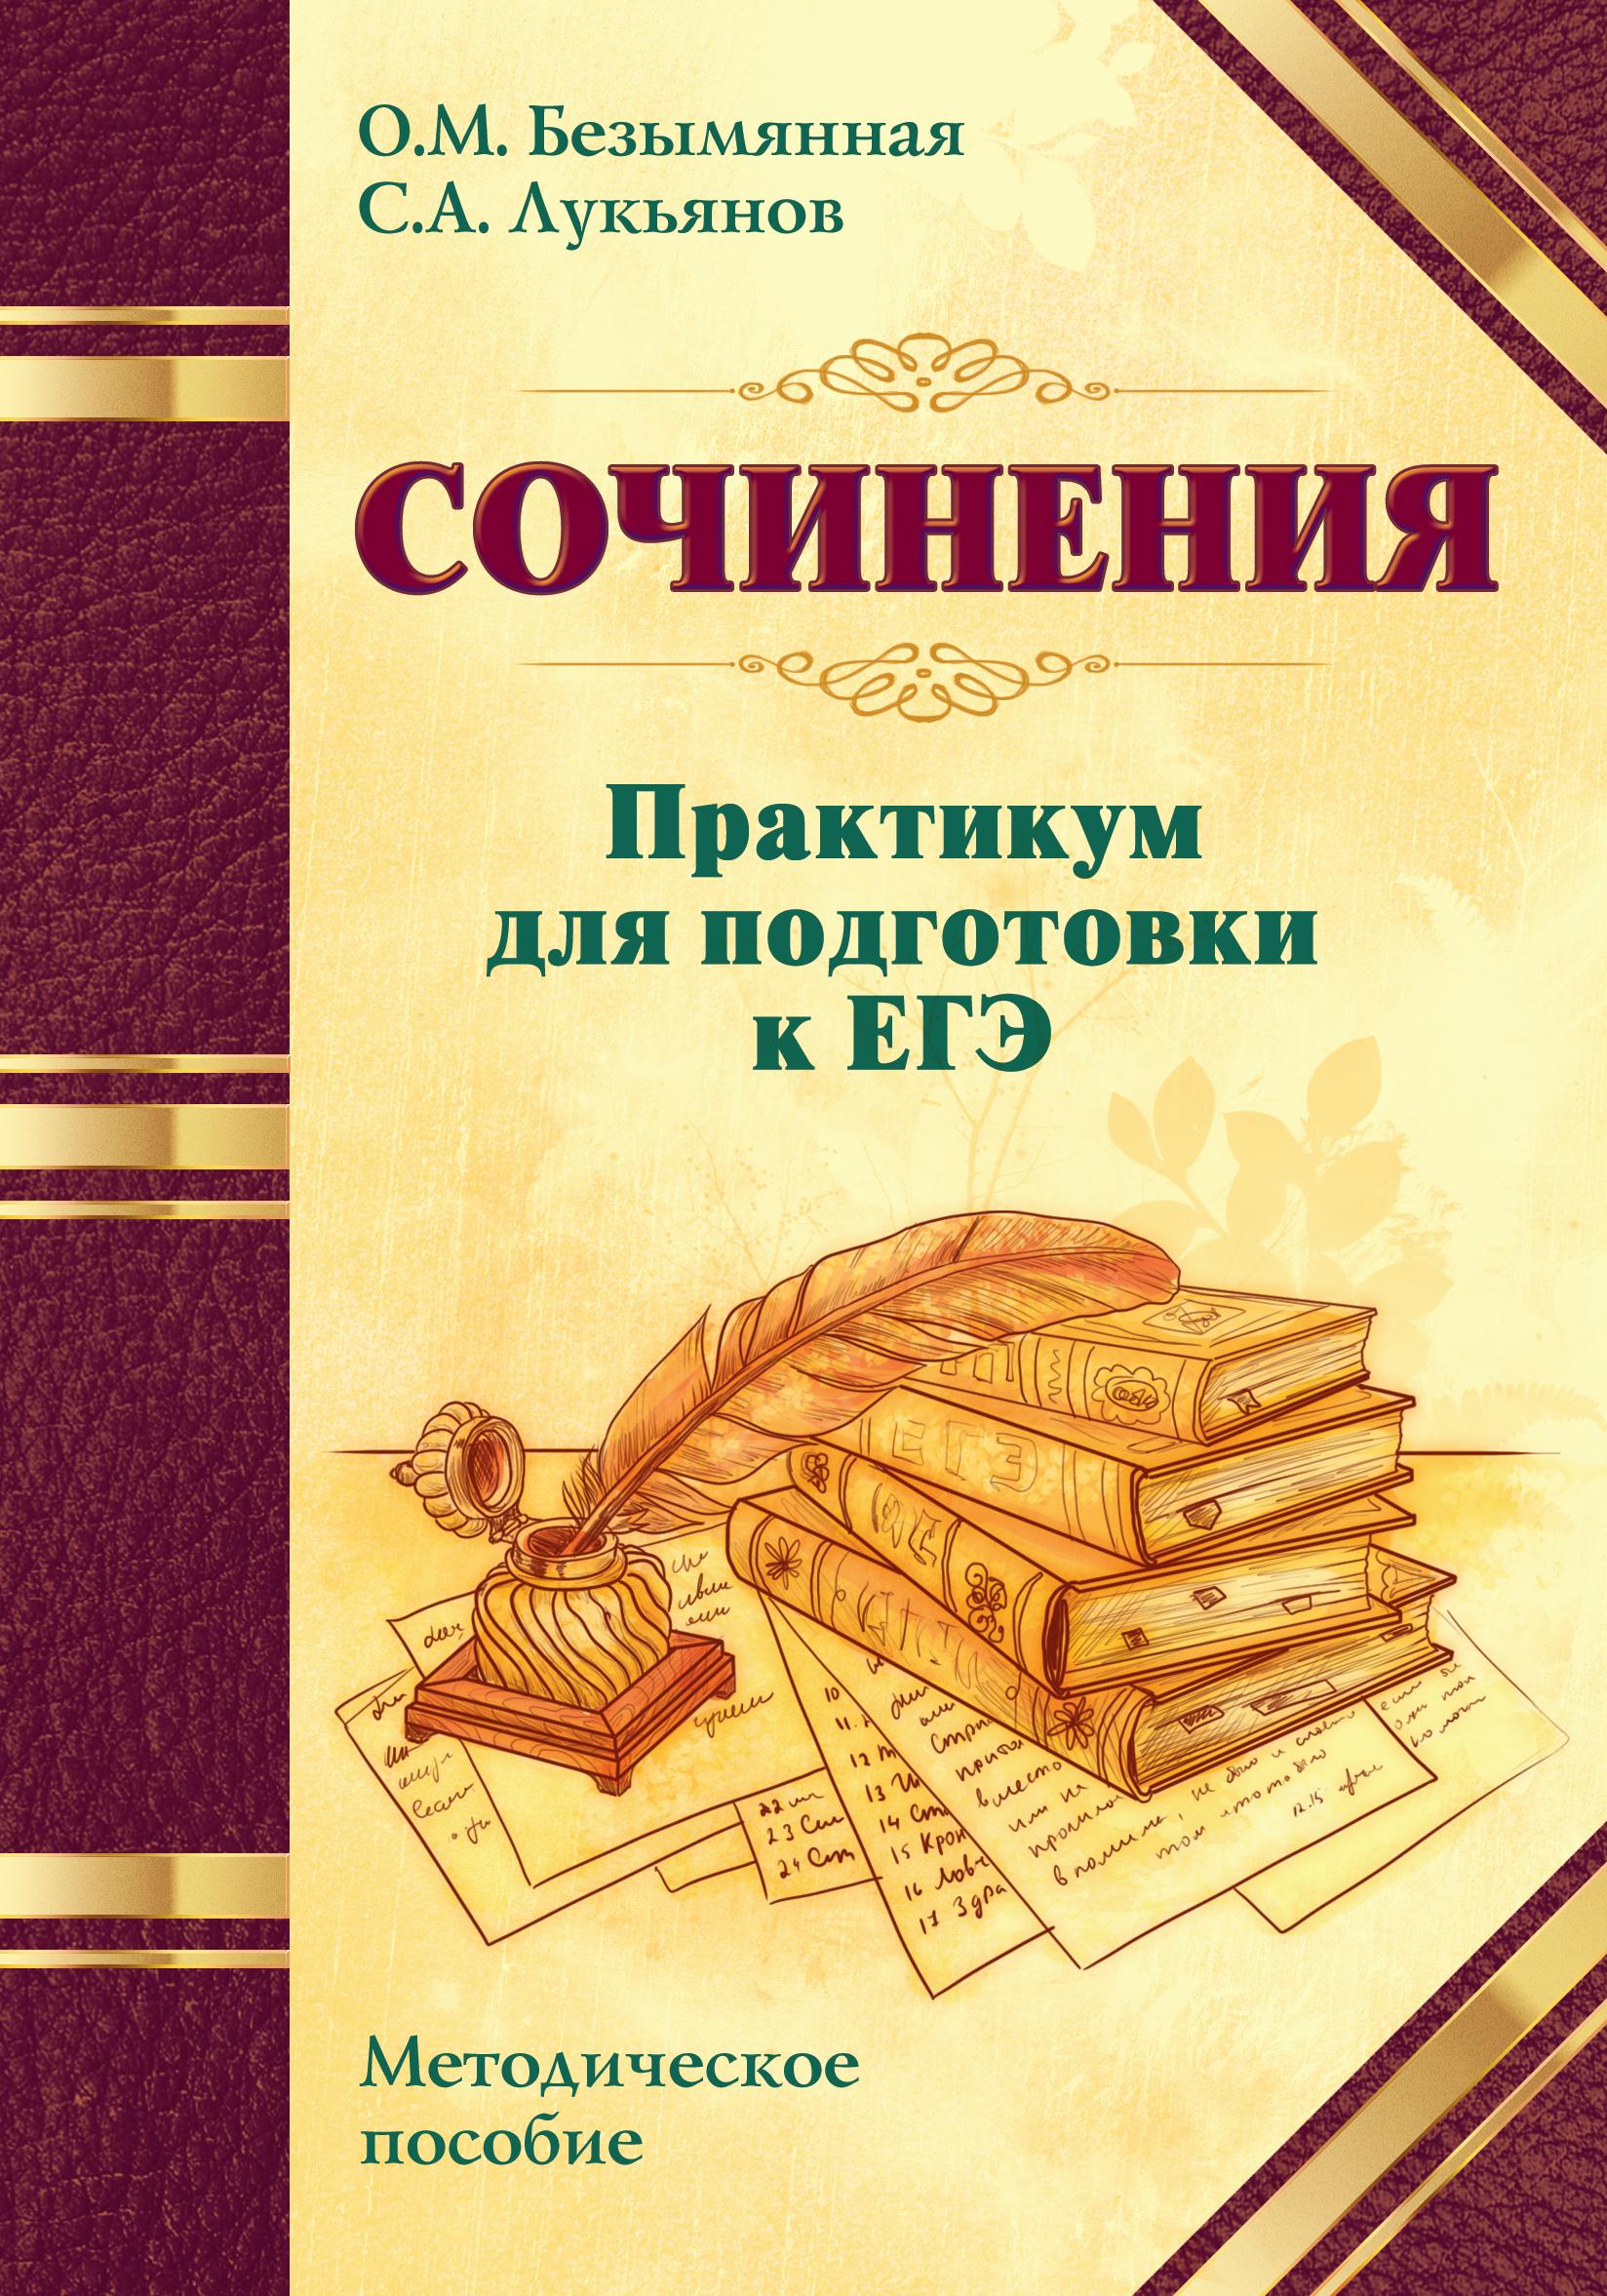 О. Безымянная Сочинения. Практикум для подготовки к ЕГЭ. Методическое пособие